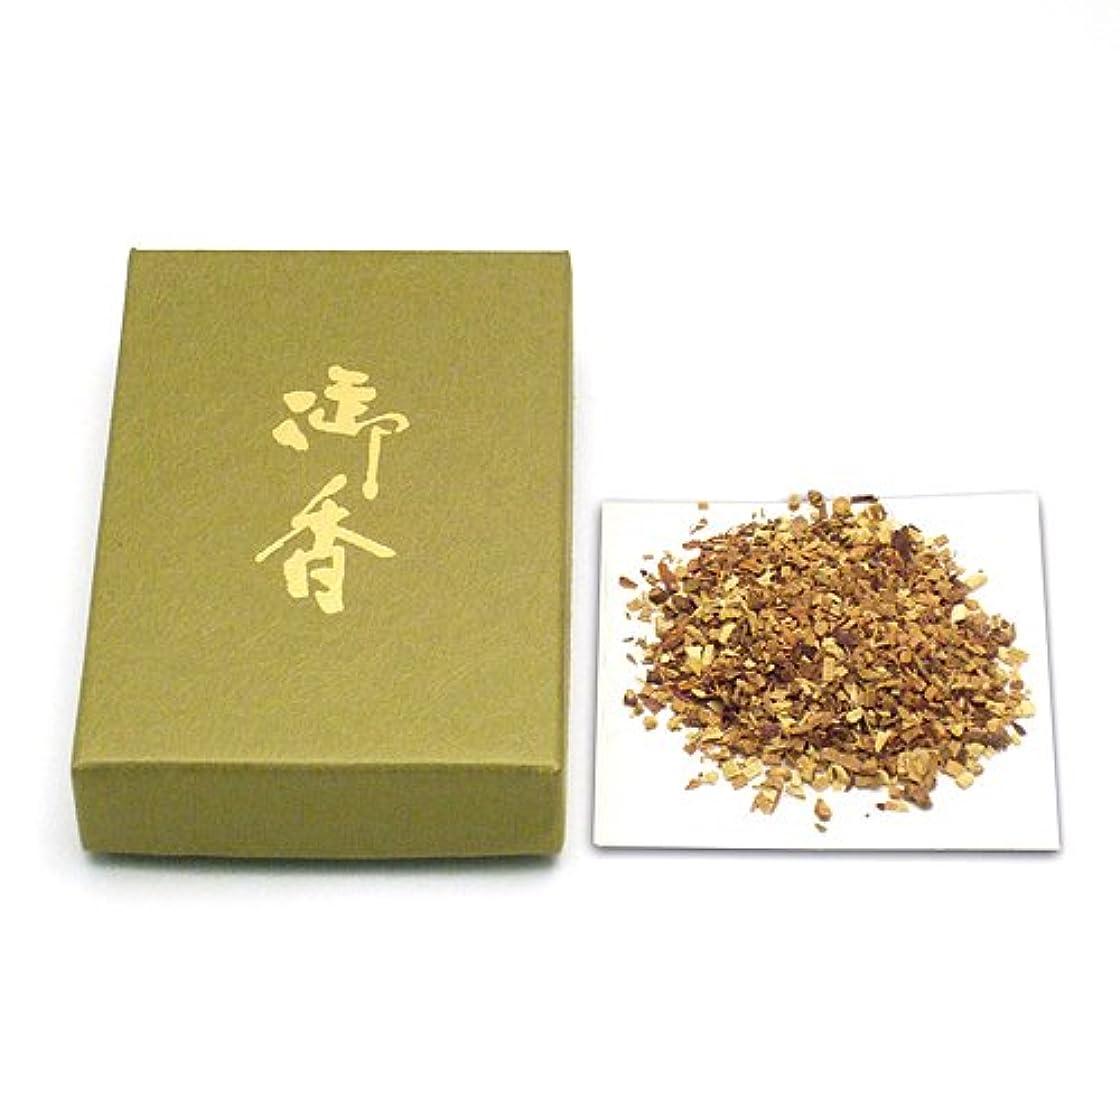 コンチネンタル質量要塞焼香用御香 瑞薫印 25g◆お焼香用の御香